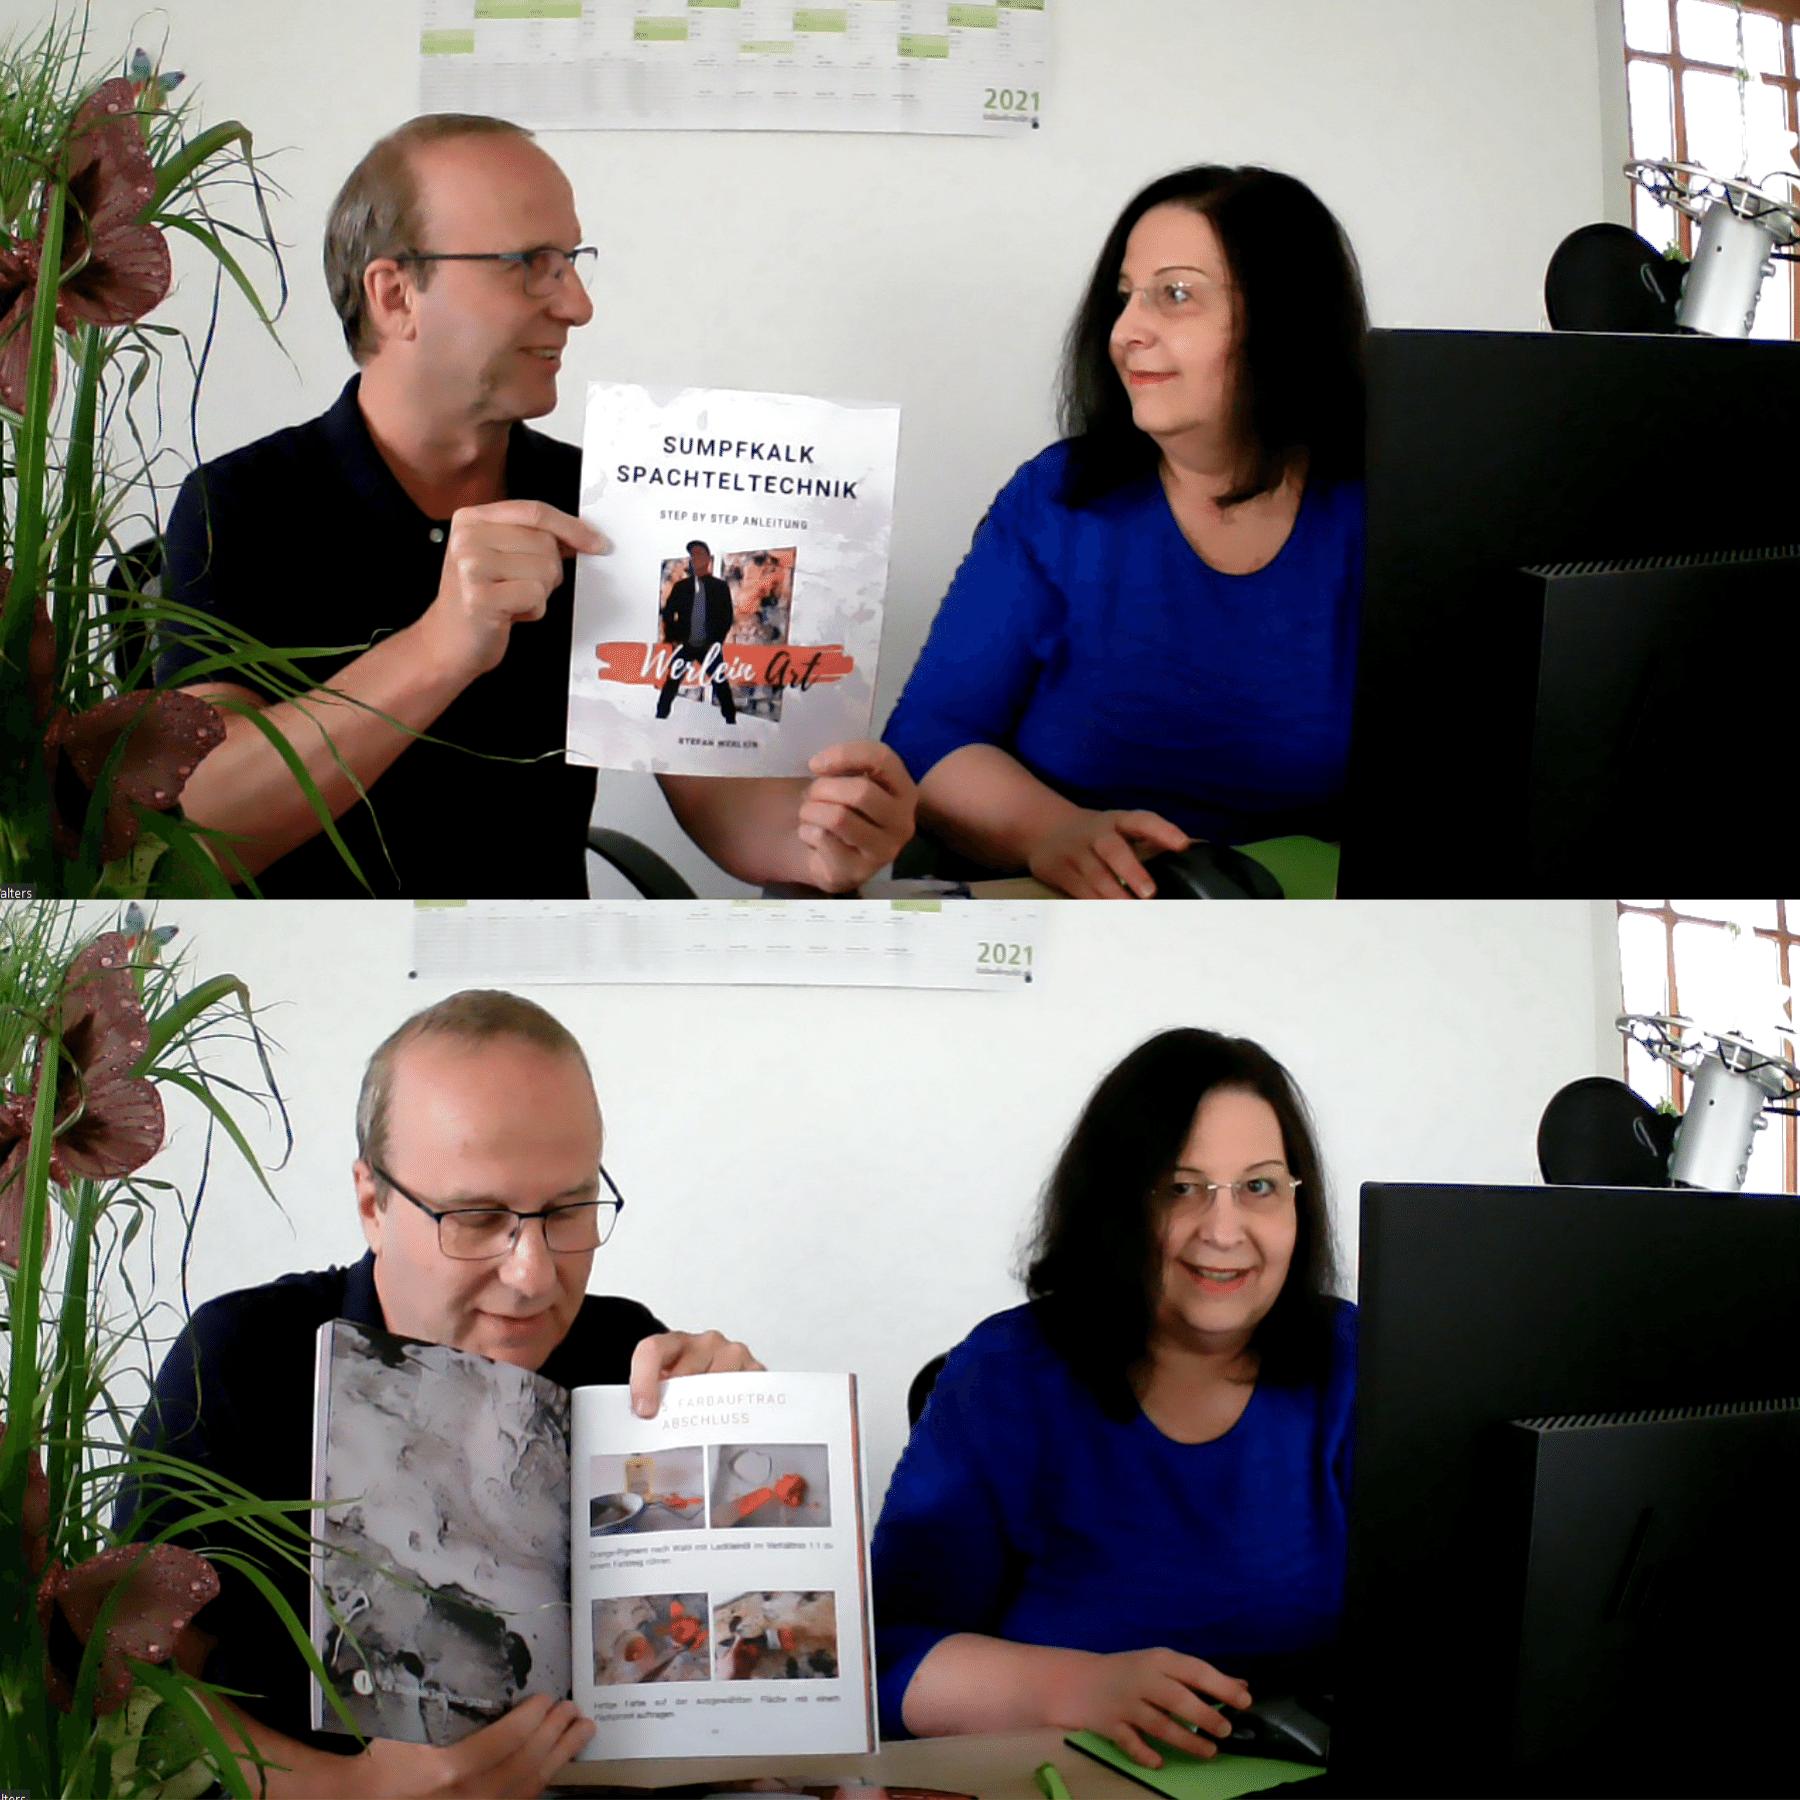 Stefan und Sabine V.I.P.-Tag mit Stefan